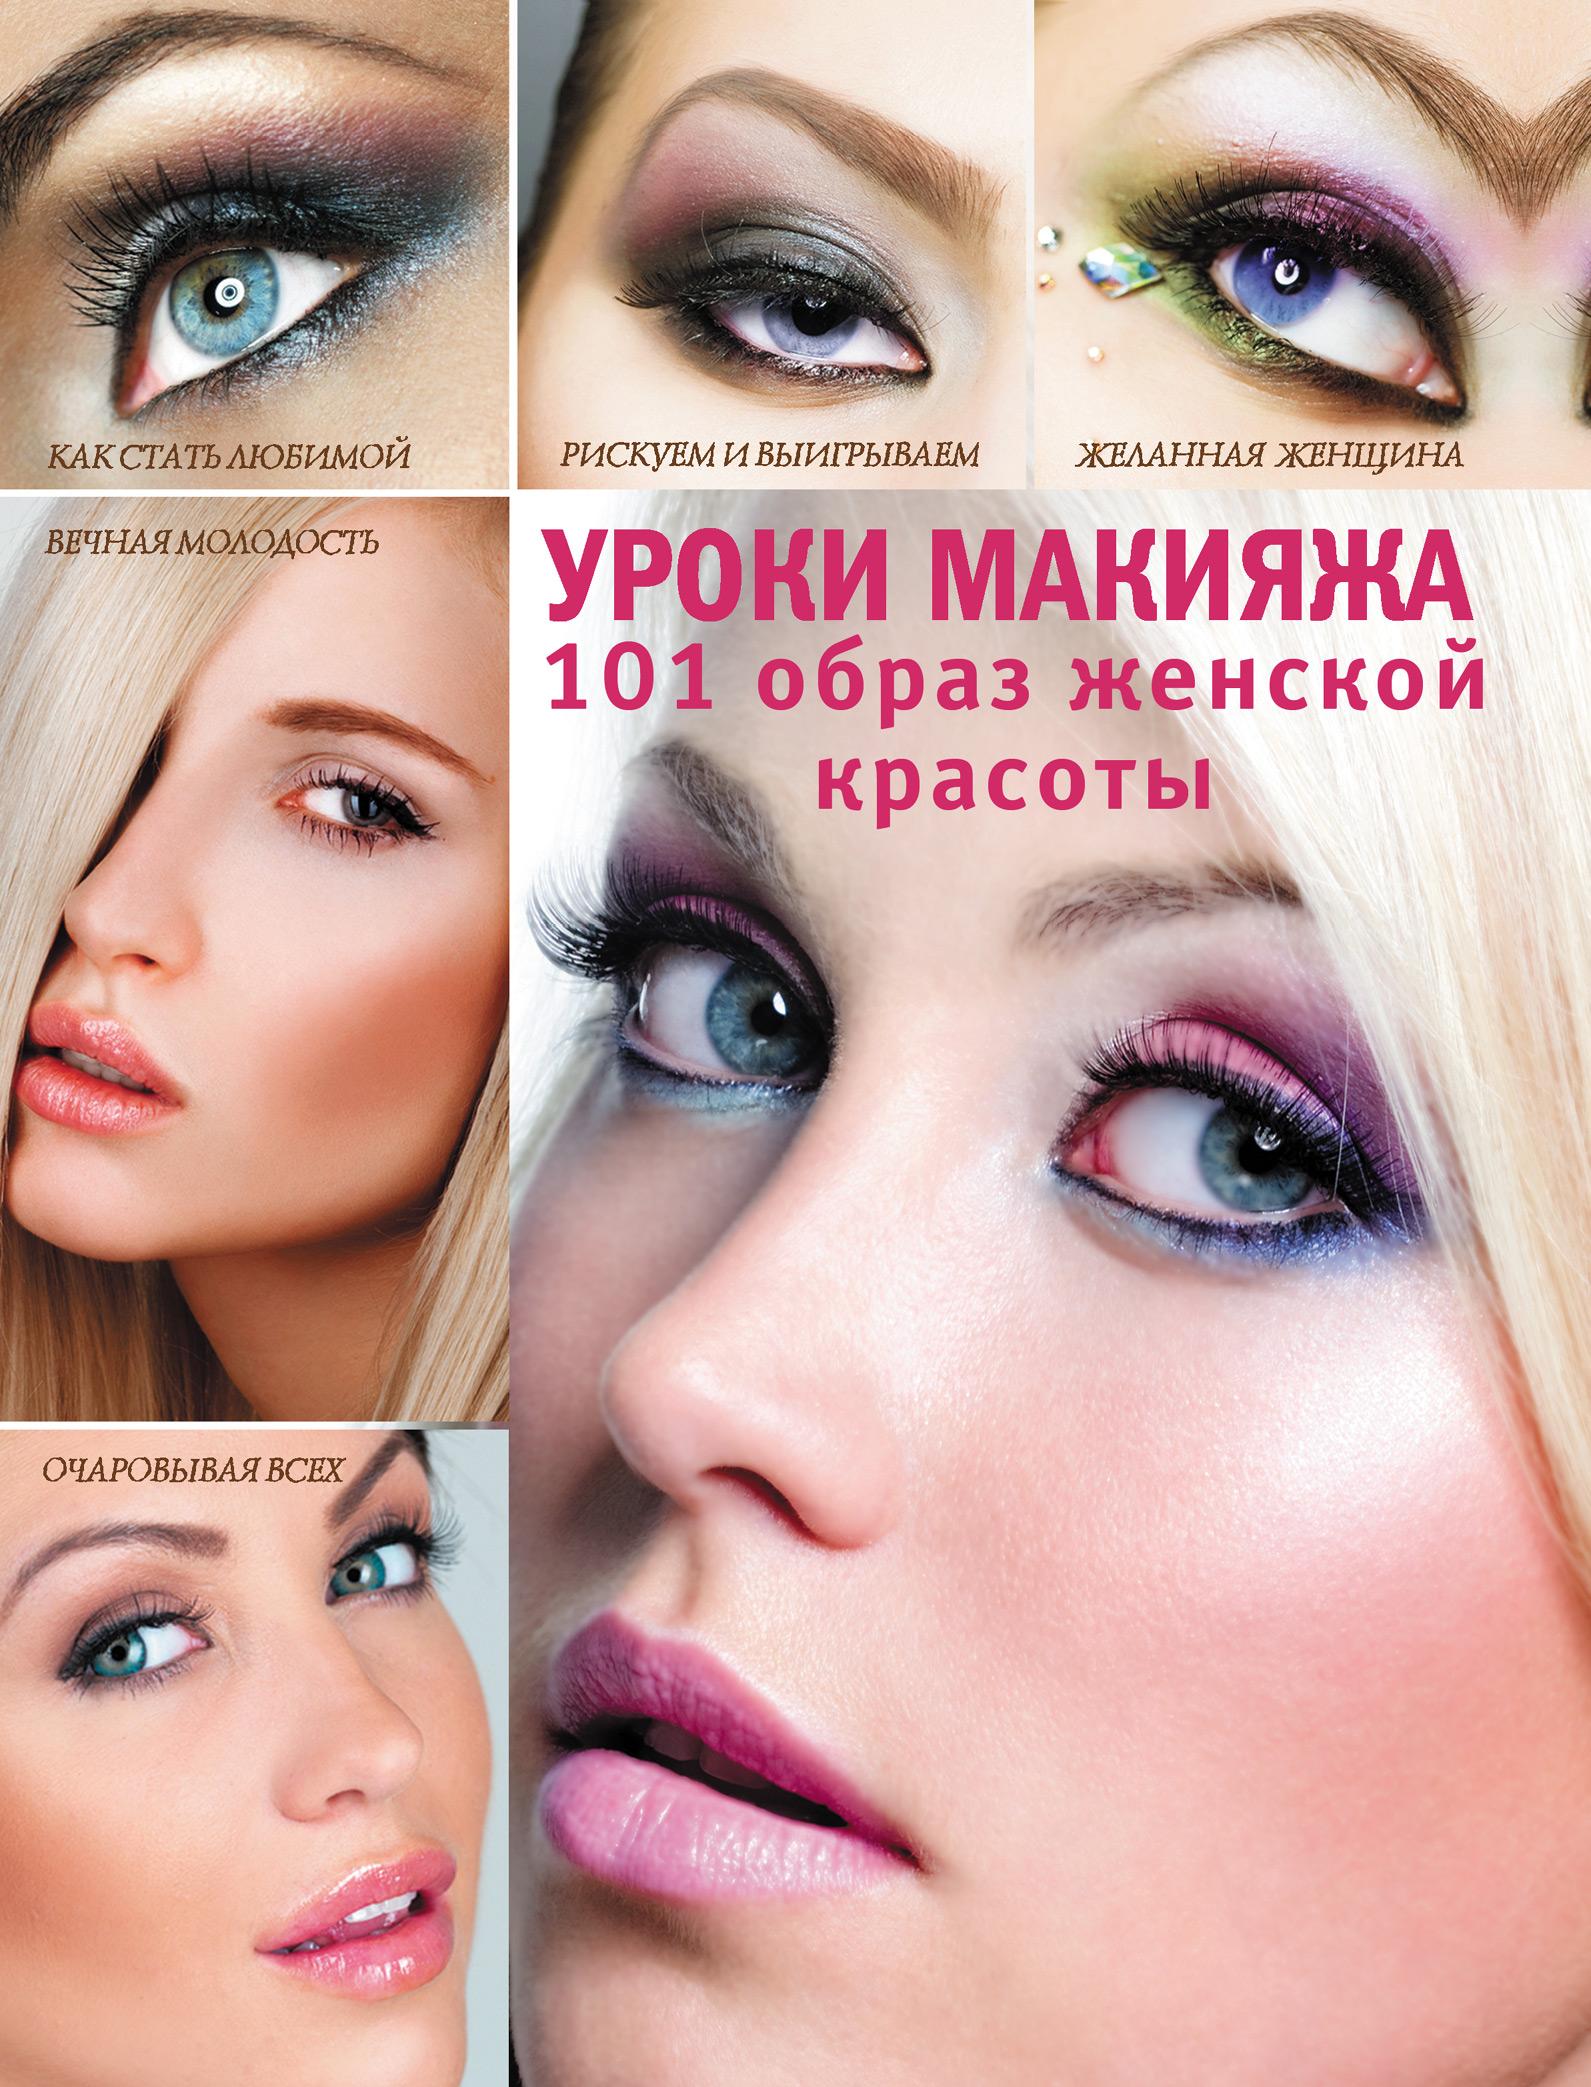 Э. А. Пчелкина Уроки макияжа. 101 образ женской красоты пчелкина э соблазнительные губы секреты ухода и макияжа